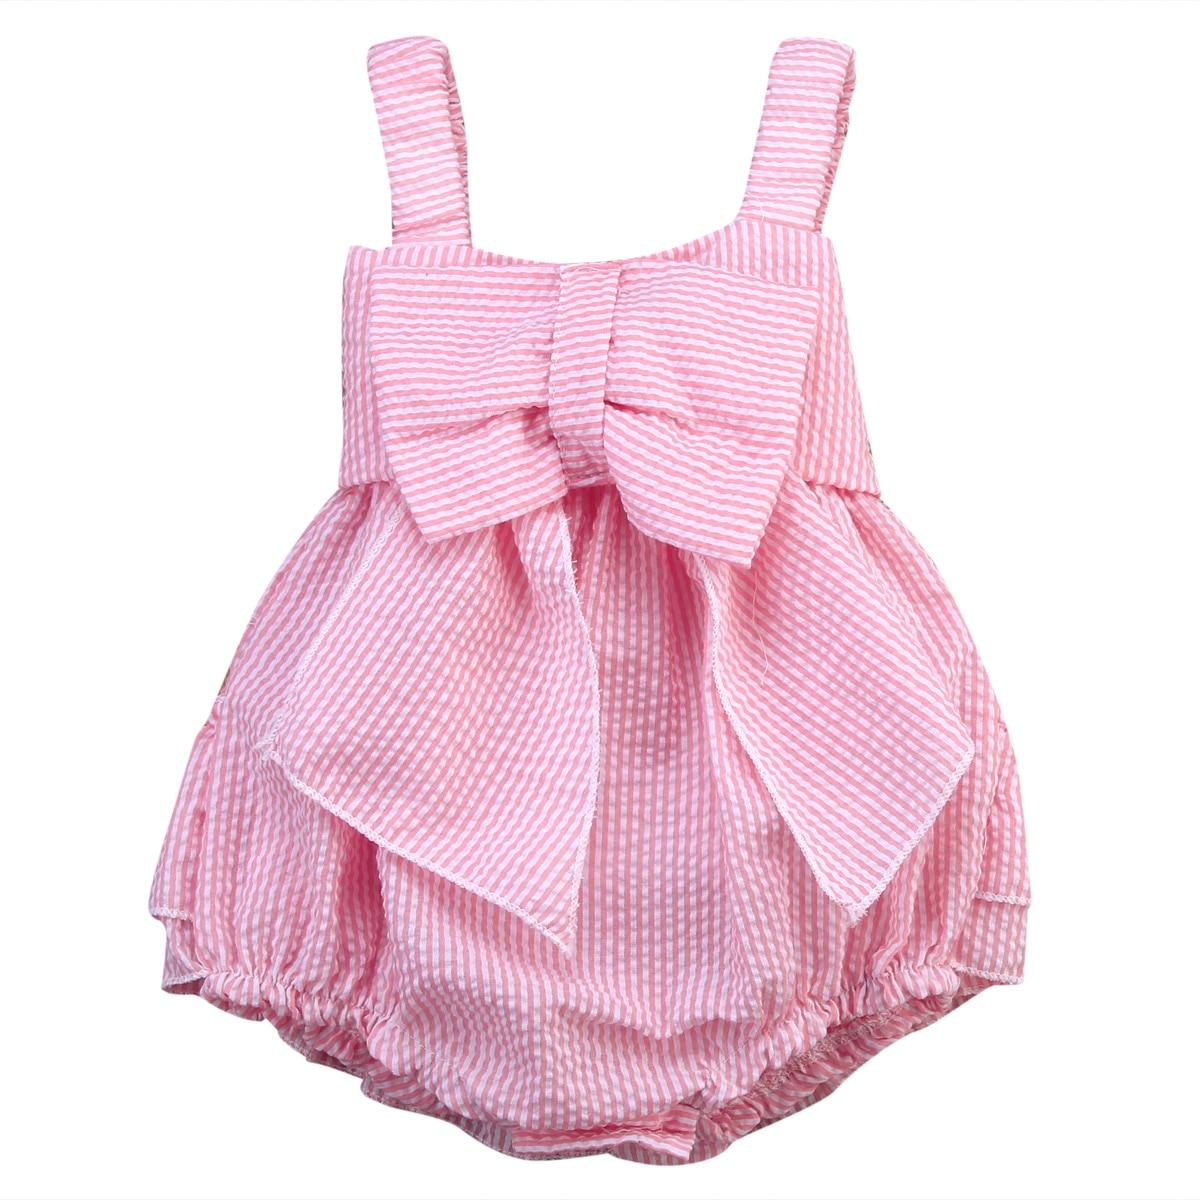 Småbarn Flickor Ruffle Romper Baby Grows Vest Sunsuit Nyfödda - Babykläder